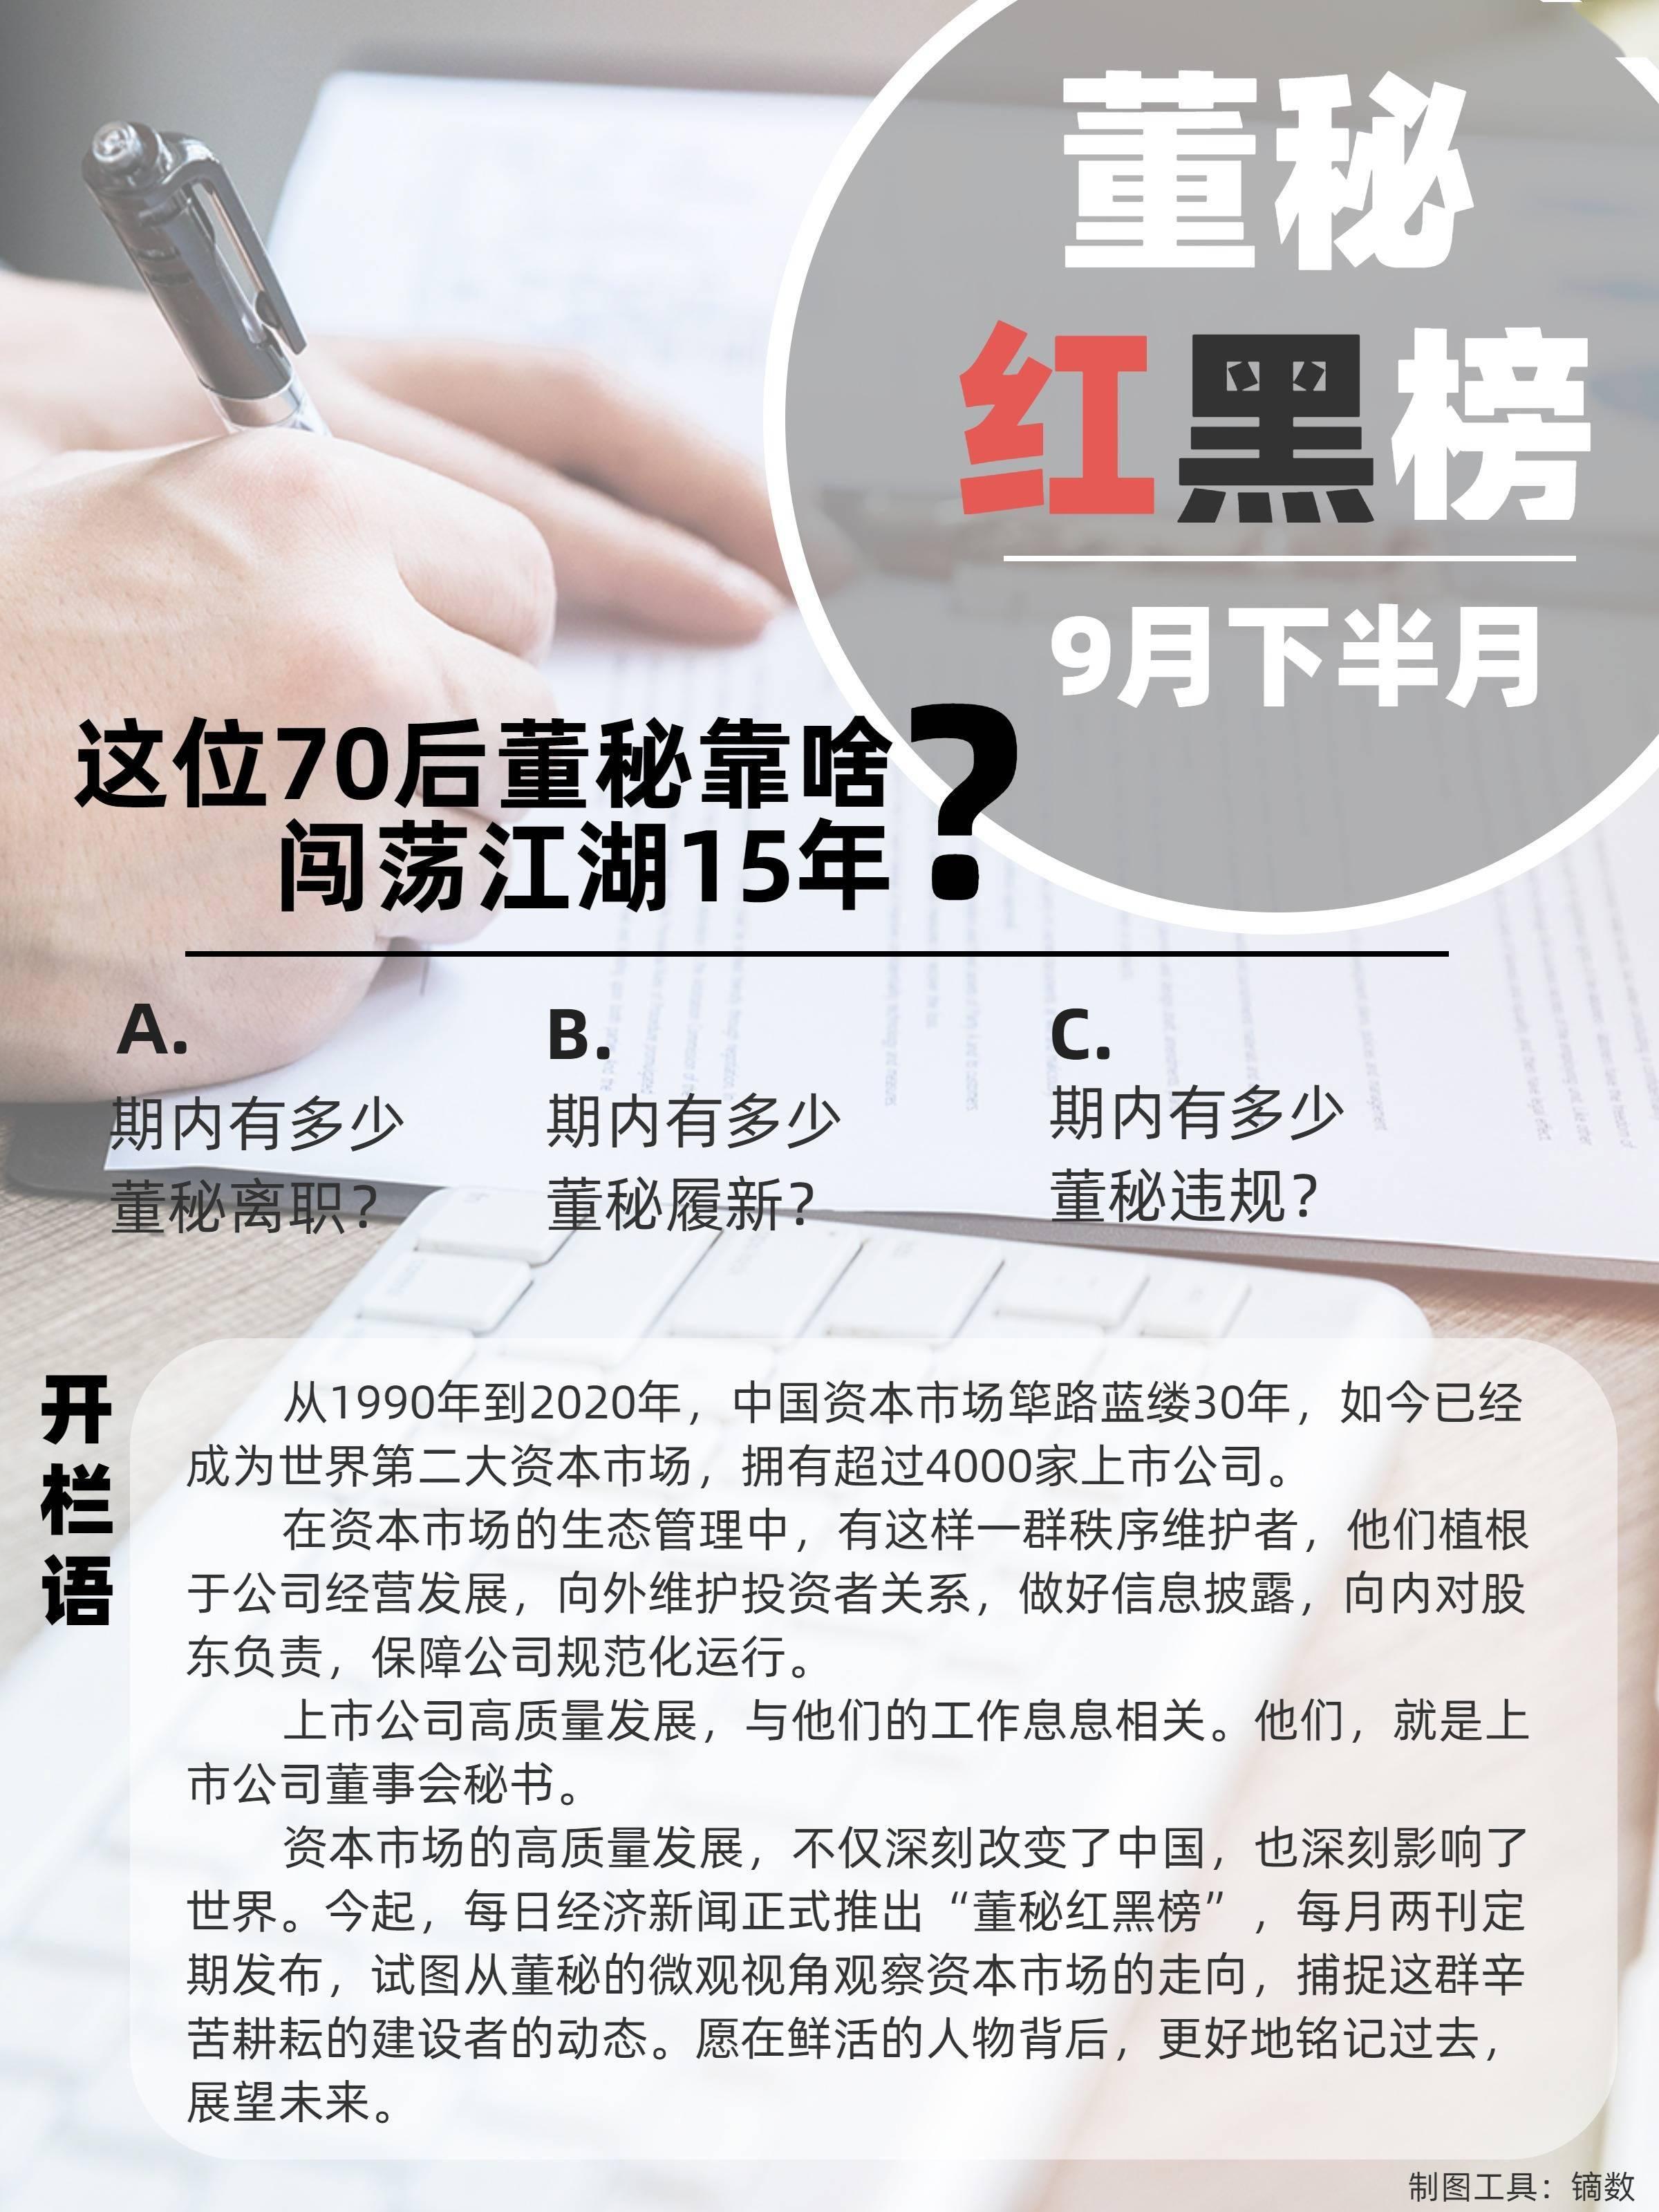 9月下半月董秘红黑榜:这位70后董秘靠啥闯荡江湖15年?